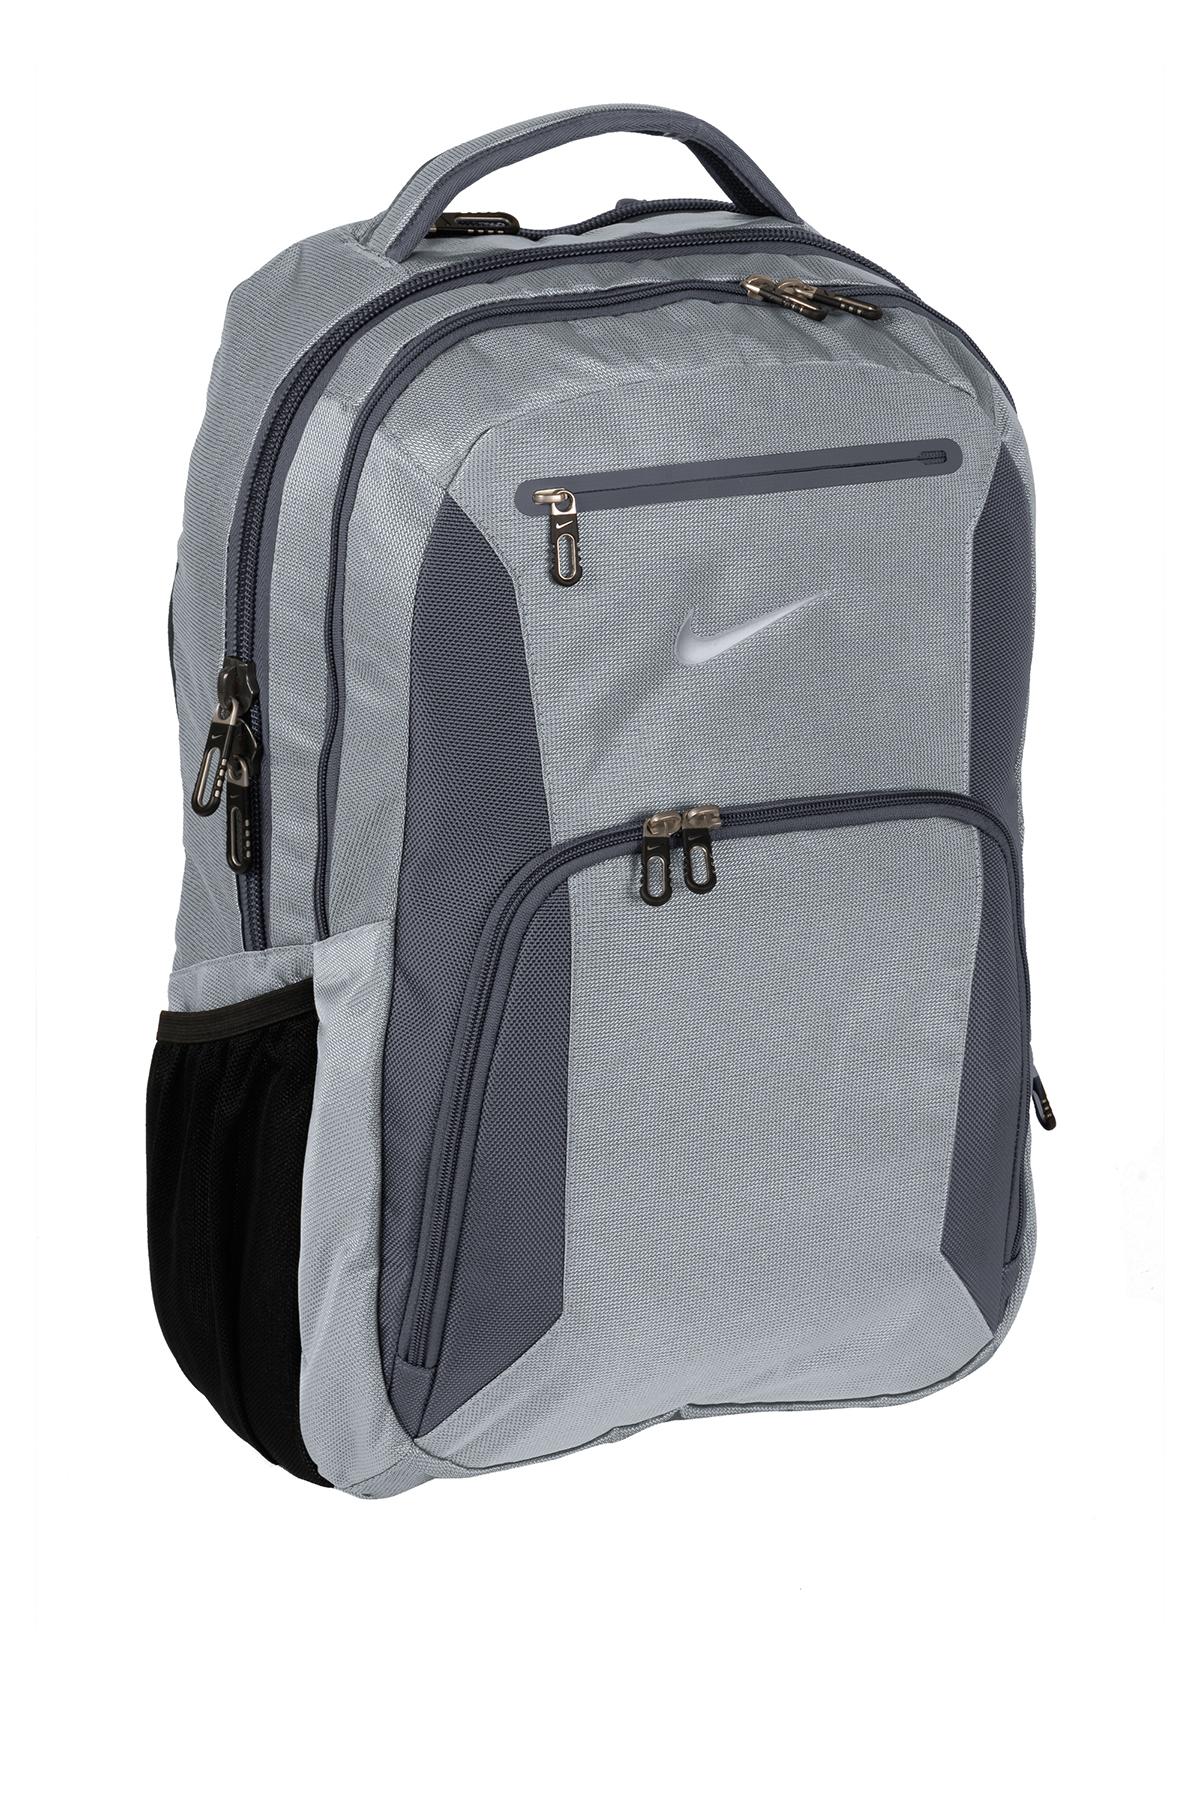 8412cc36a952 Nike Elite Backpack